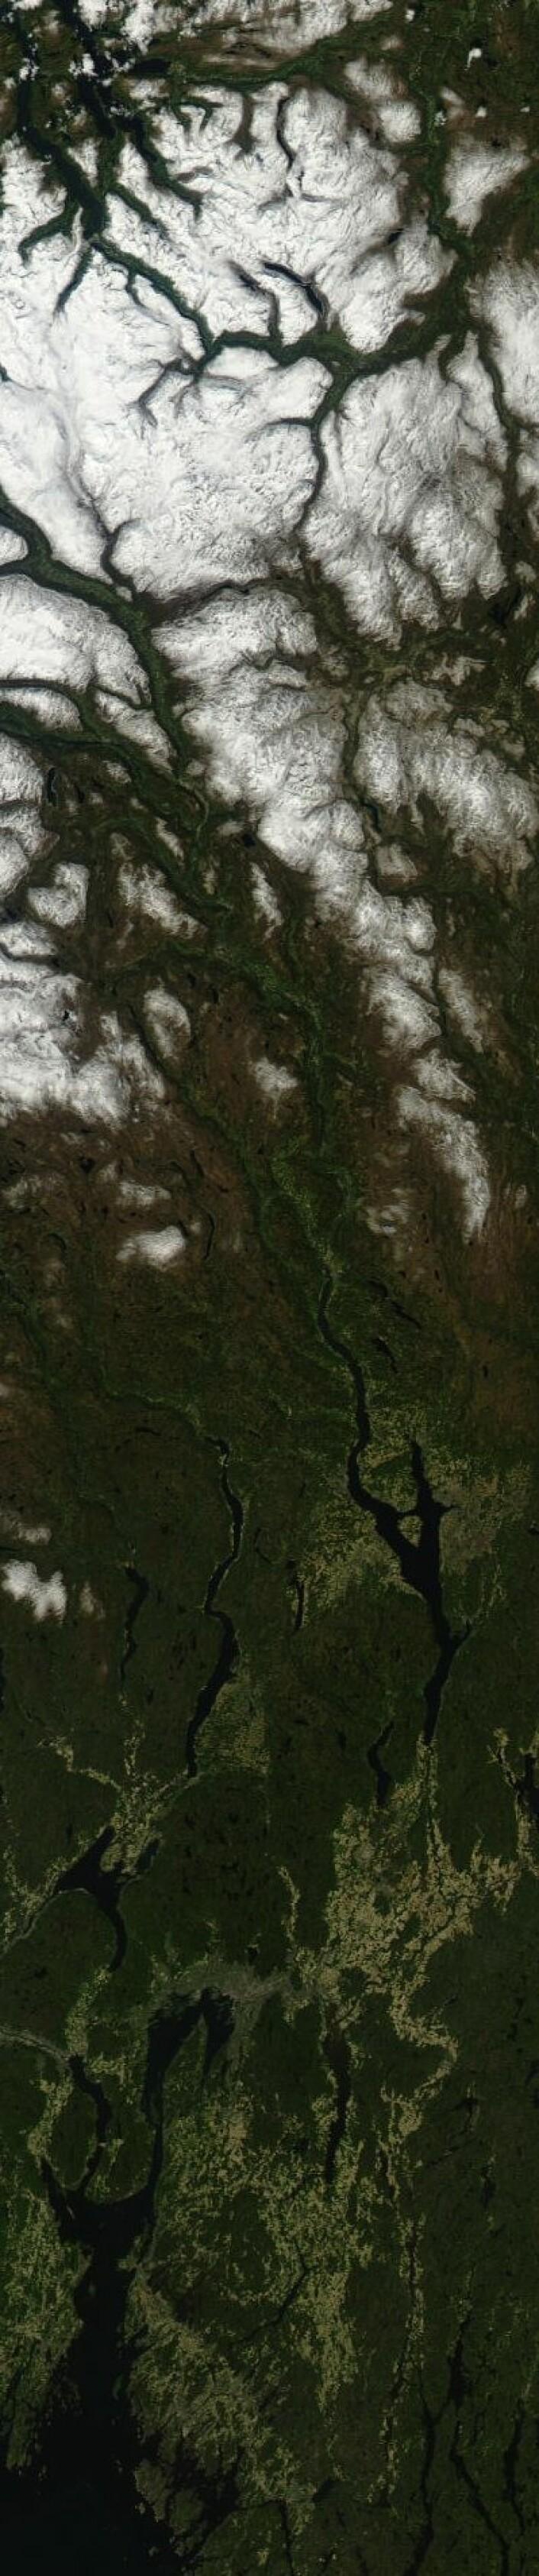 Godkjent ferievær i Sør-Norge, ja. Her dokumentert ved et langt satellittbilde tatt fra Aqua søndag 27. mai. (Foto: (NASA Aqua MODIS))